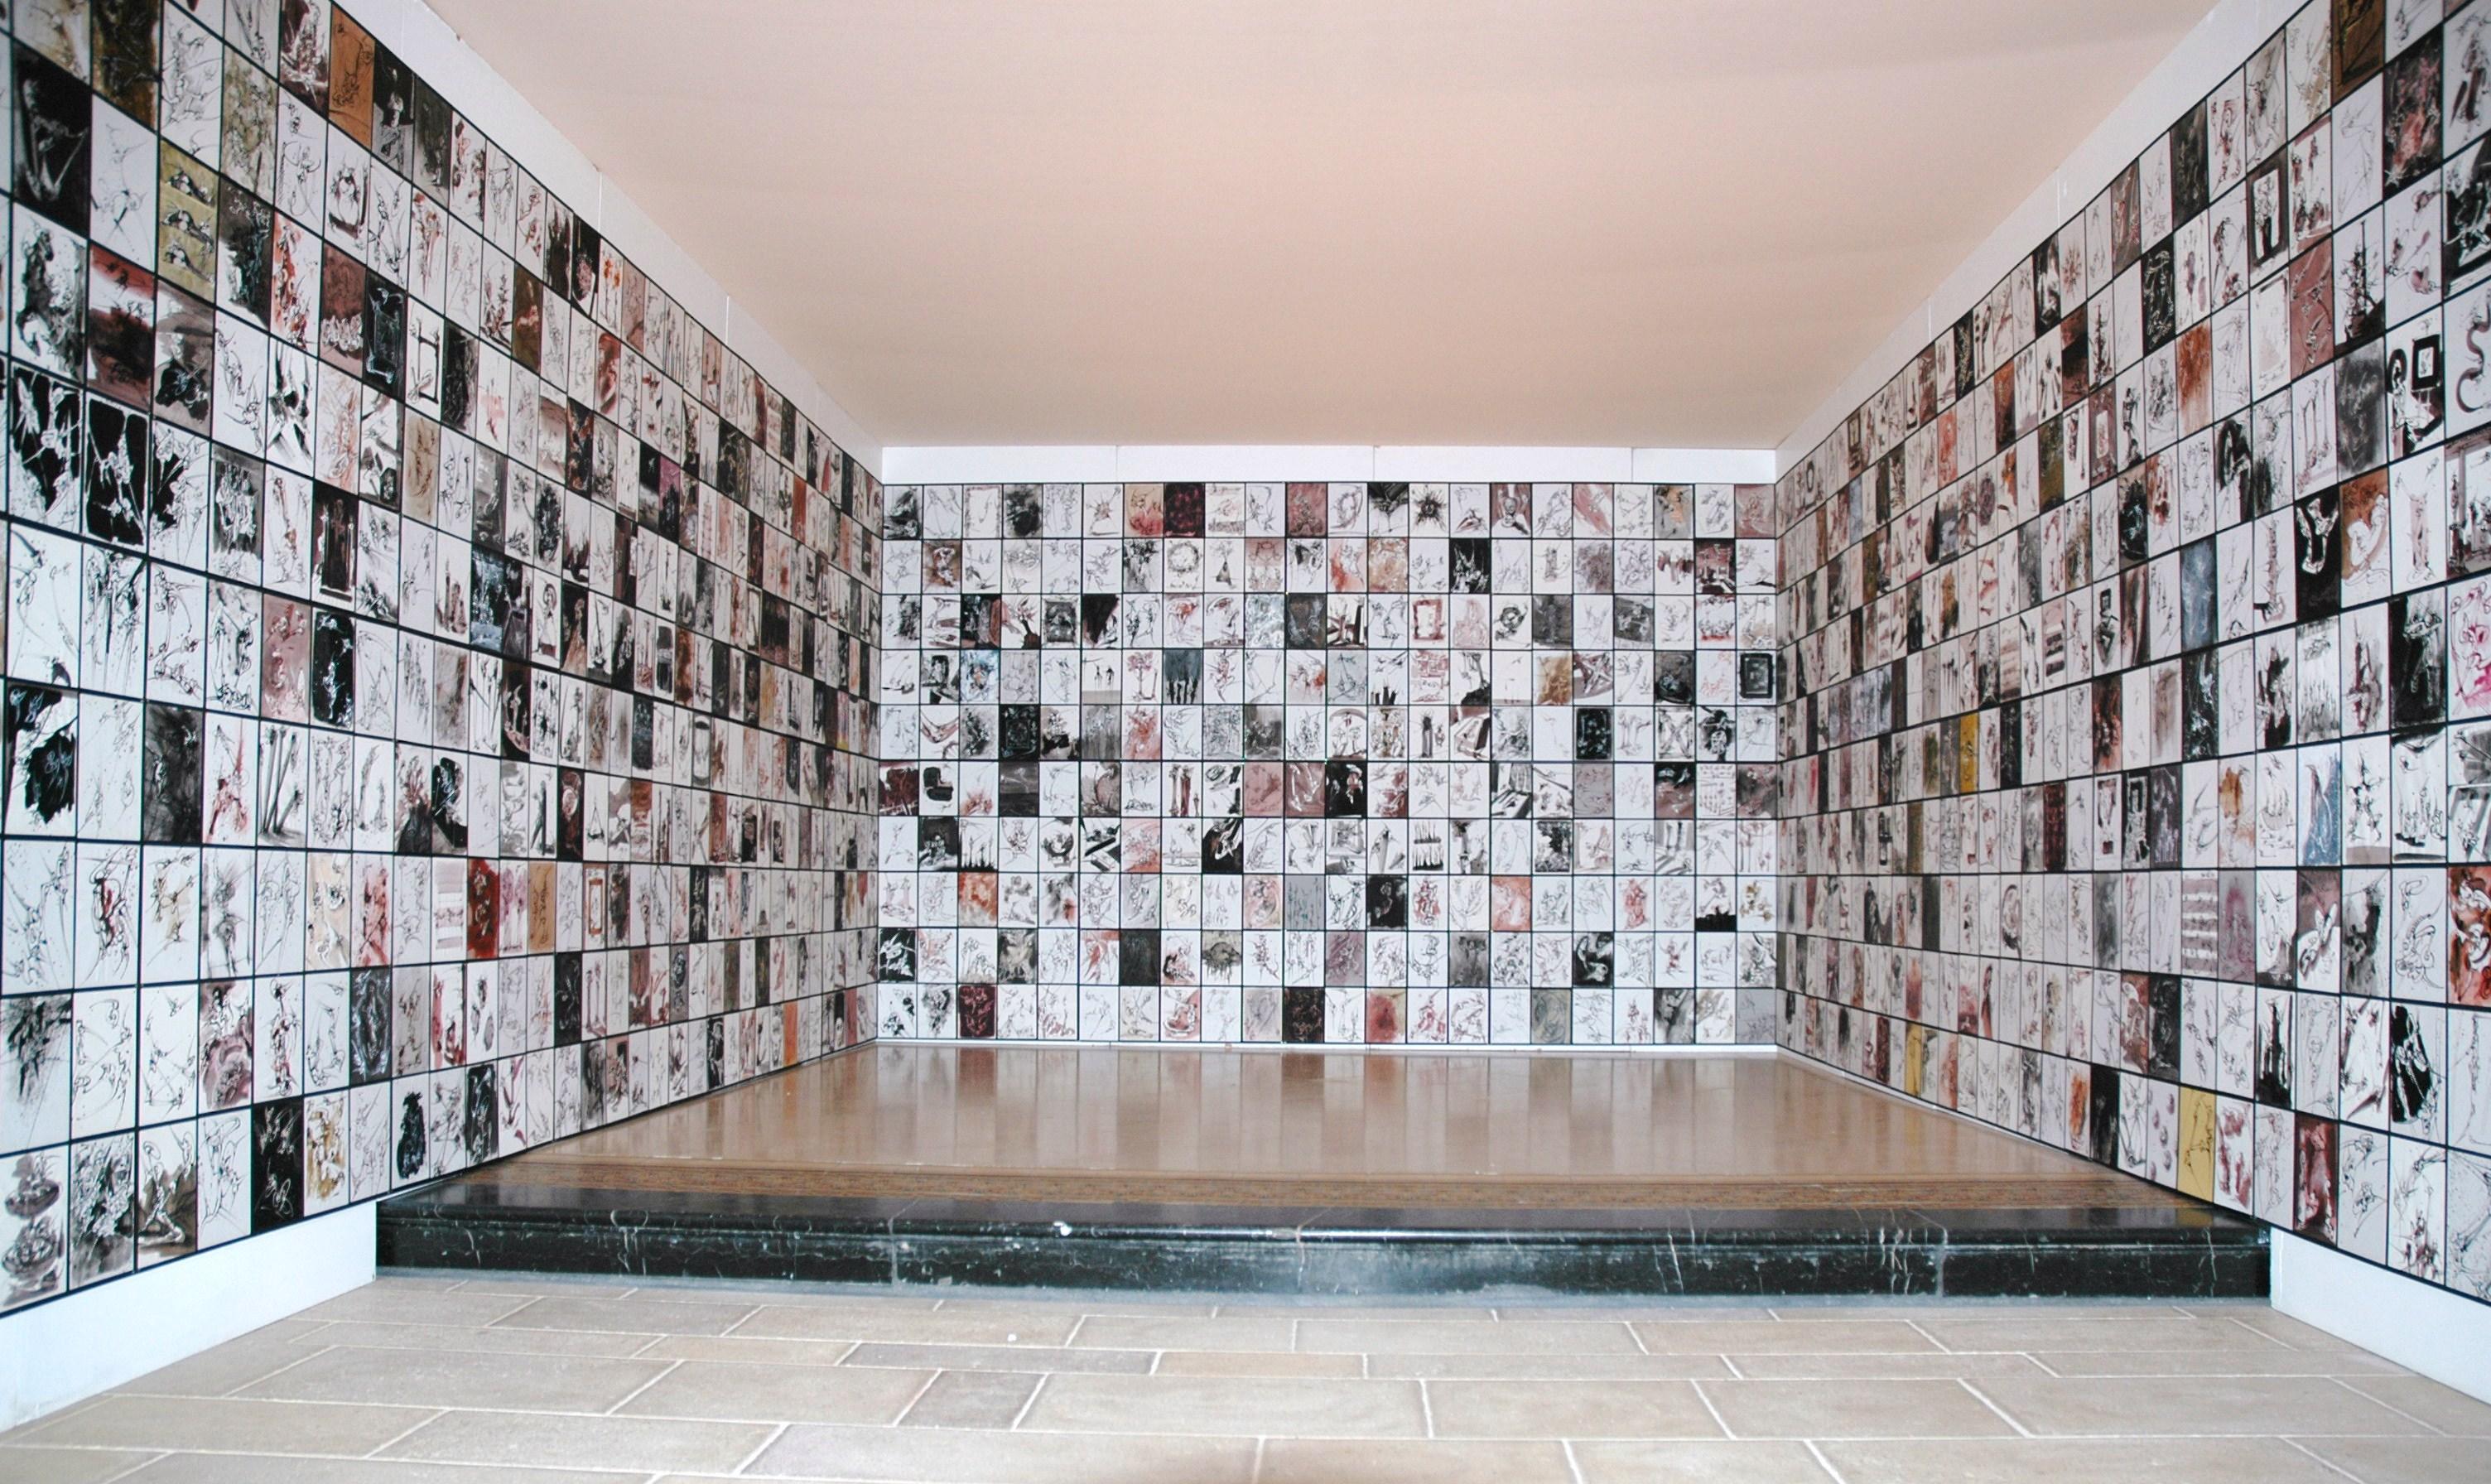 Black Box - Espace Saint Louis, Bar Le Duc  (1600 dessins, chaque dessin 25 X 18 cm)